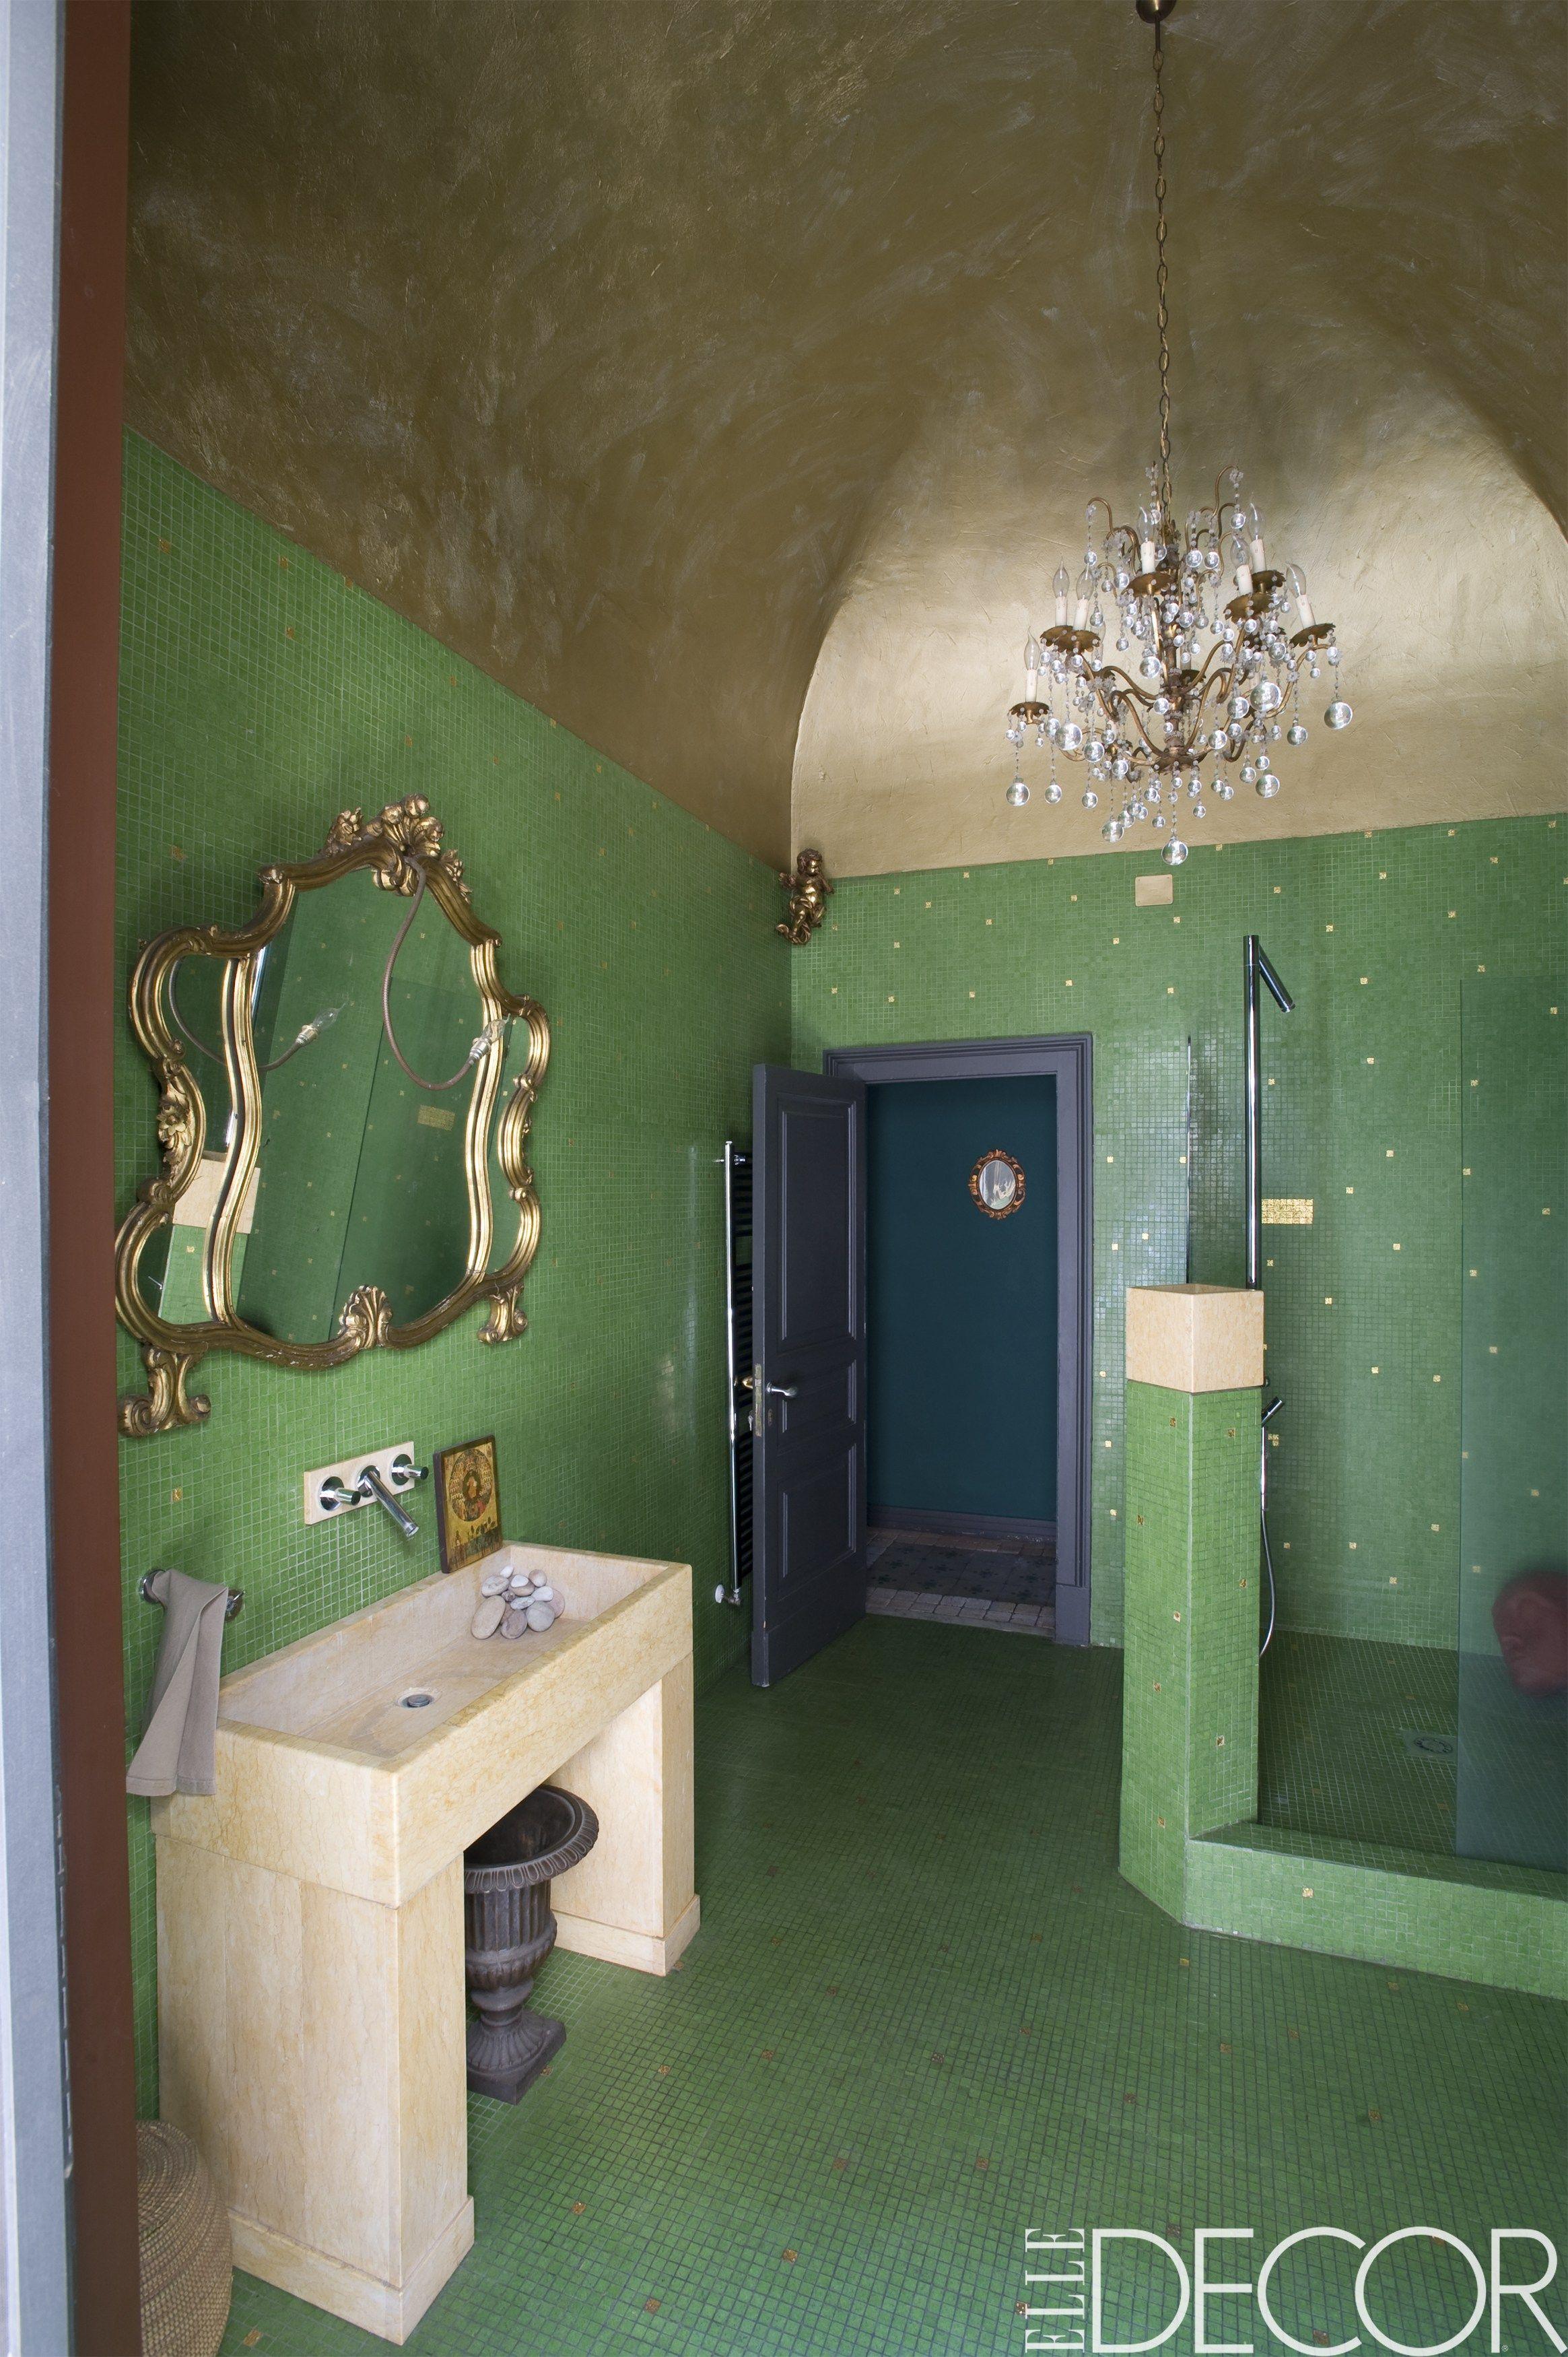 Top 25 Bathroom Wall Colors Ideas 2017 2018 Interior Decorating Colors Green Bathroom Green Tile Bathroom Green Bathroom Decor